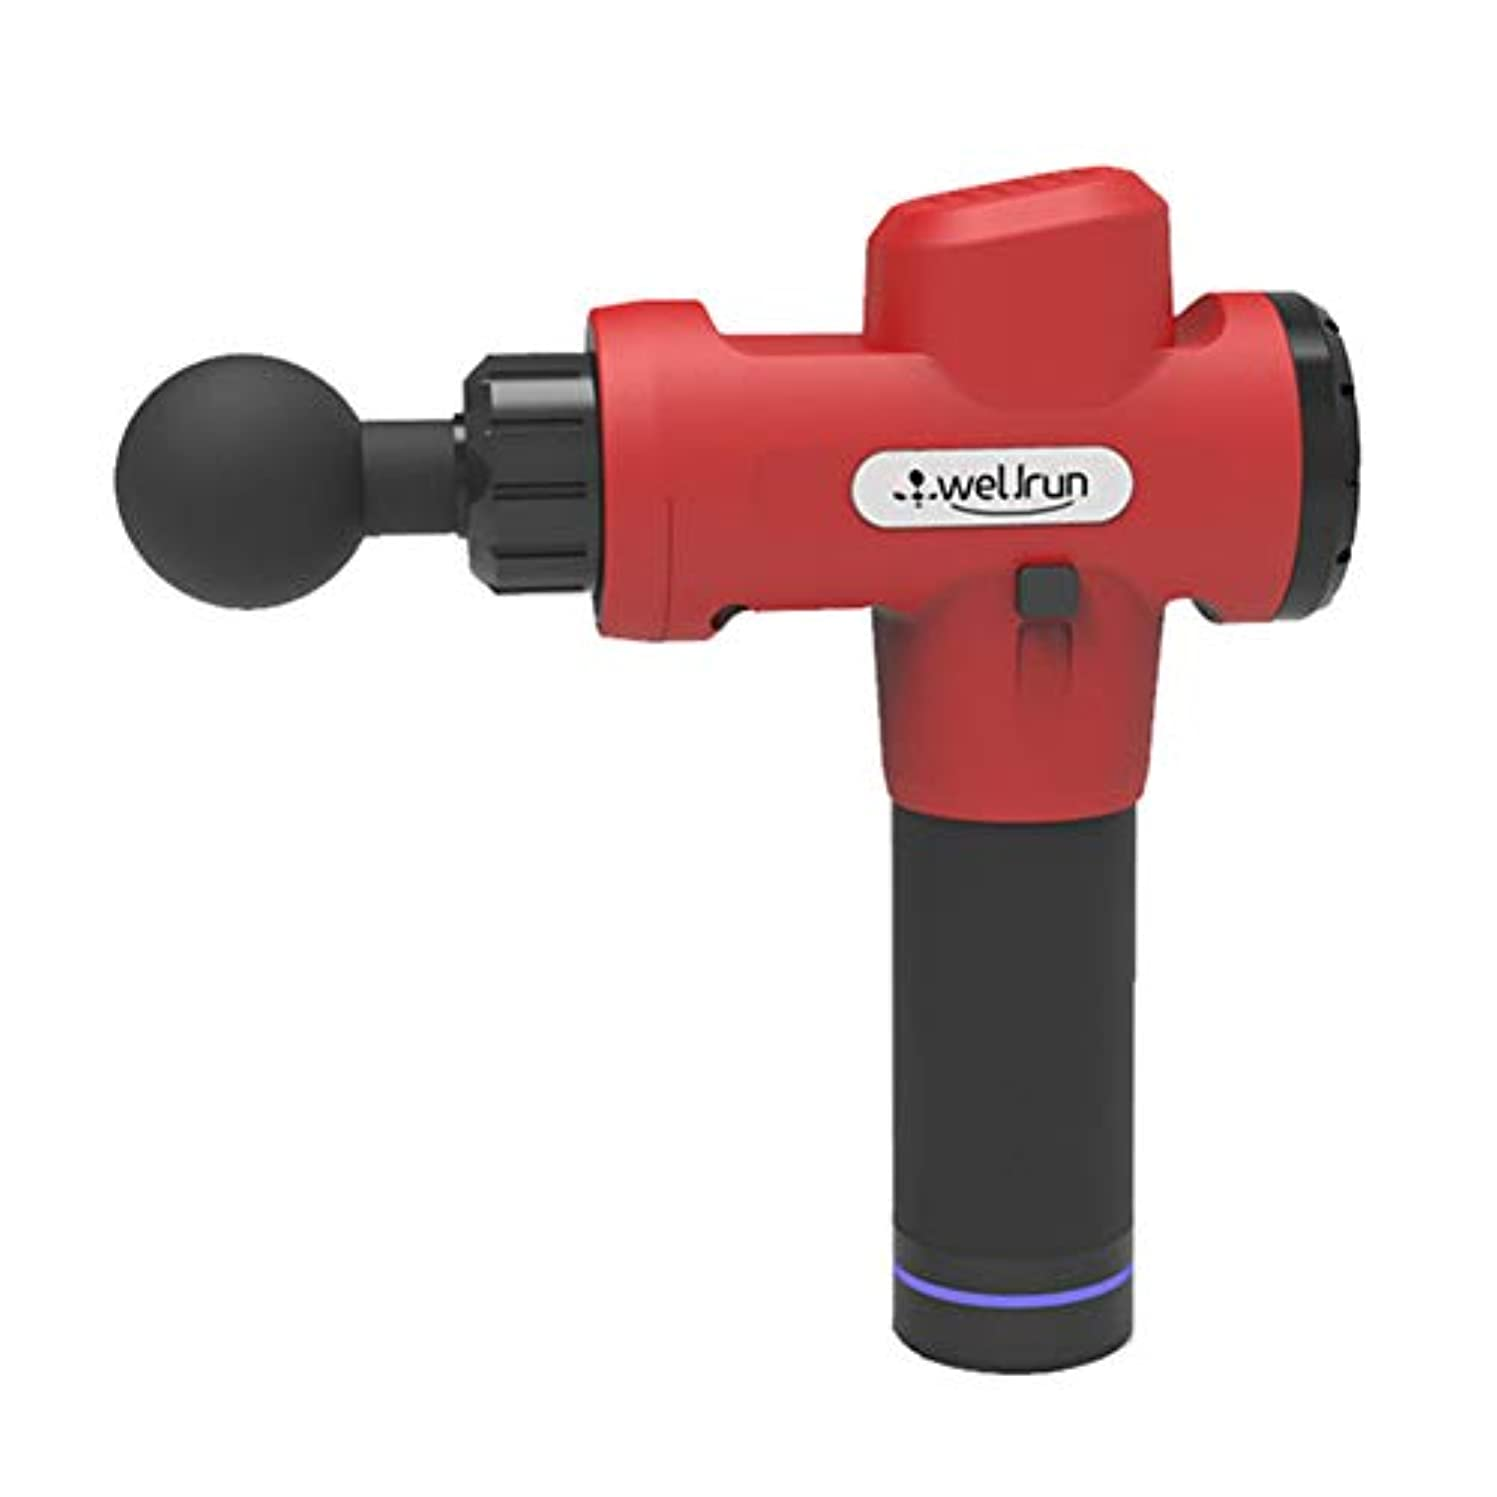 石暫定不快電気筋肉マッサージ装置、振動マッサージ銃、手持ち型の筋膜銃、解放の深いティッシュ筋肉影響の器械,赤